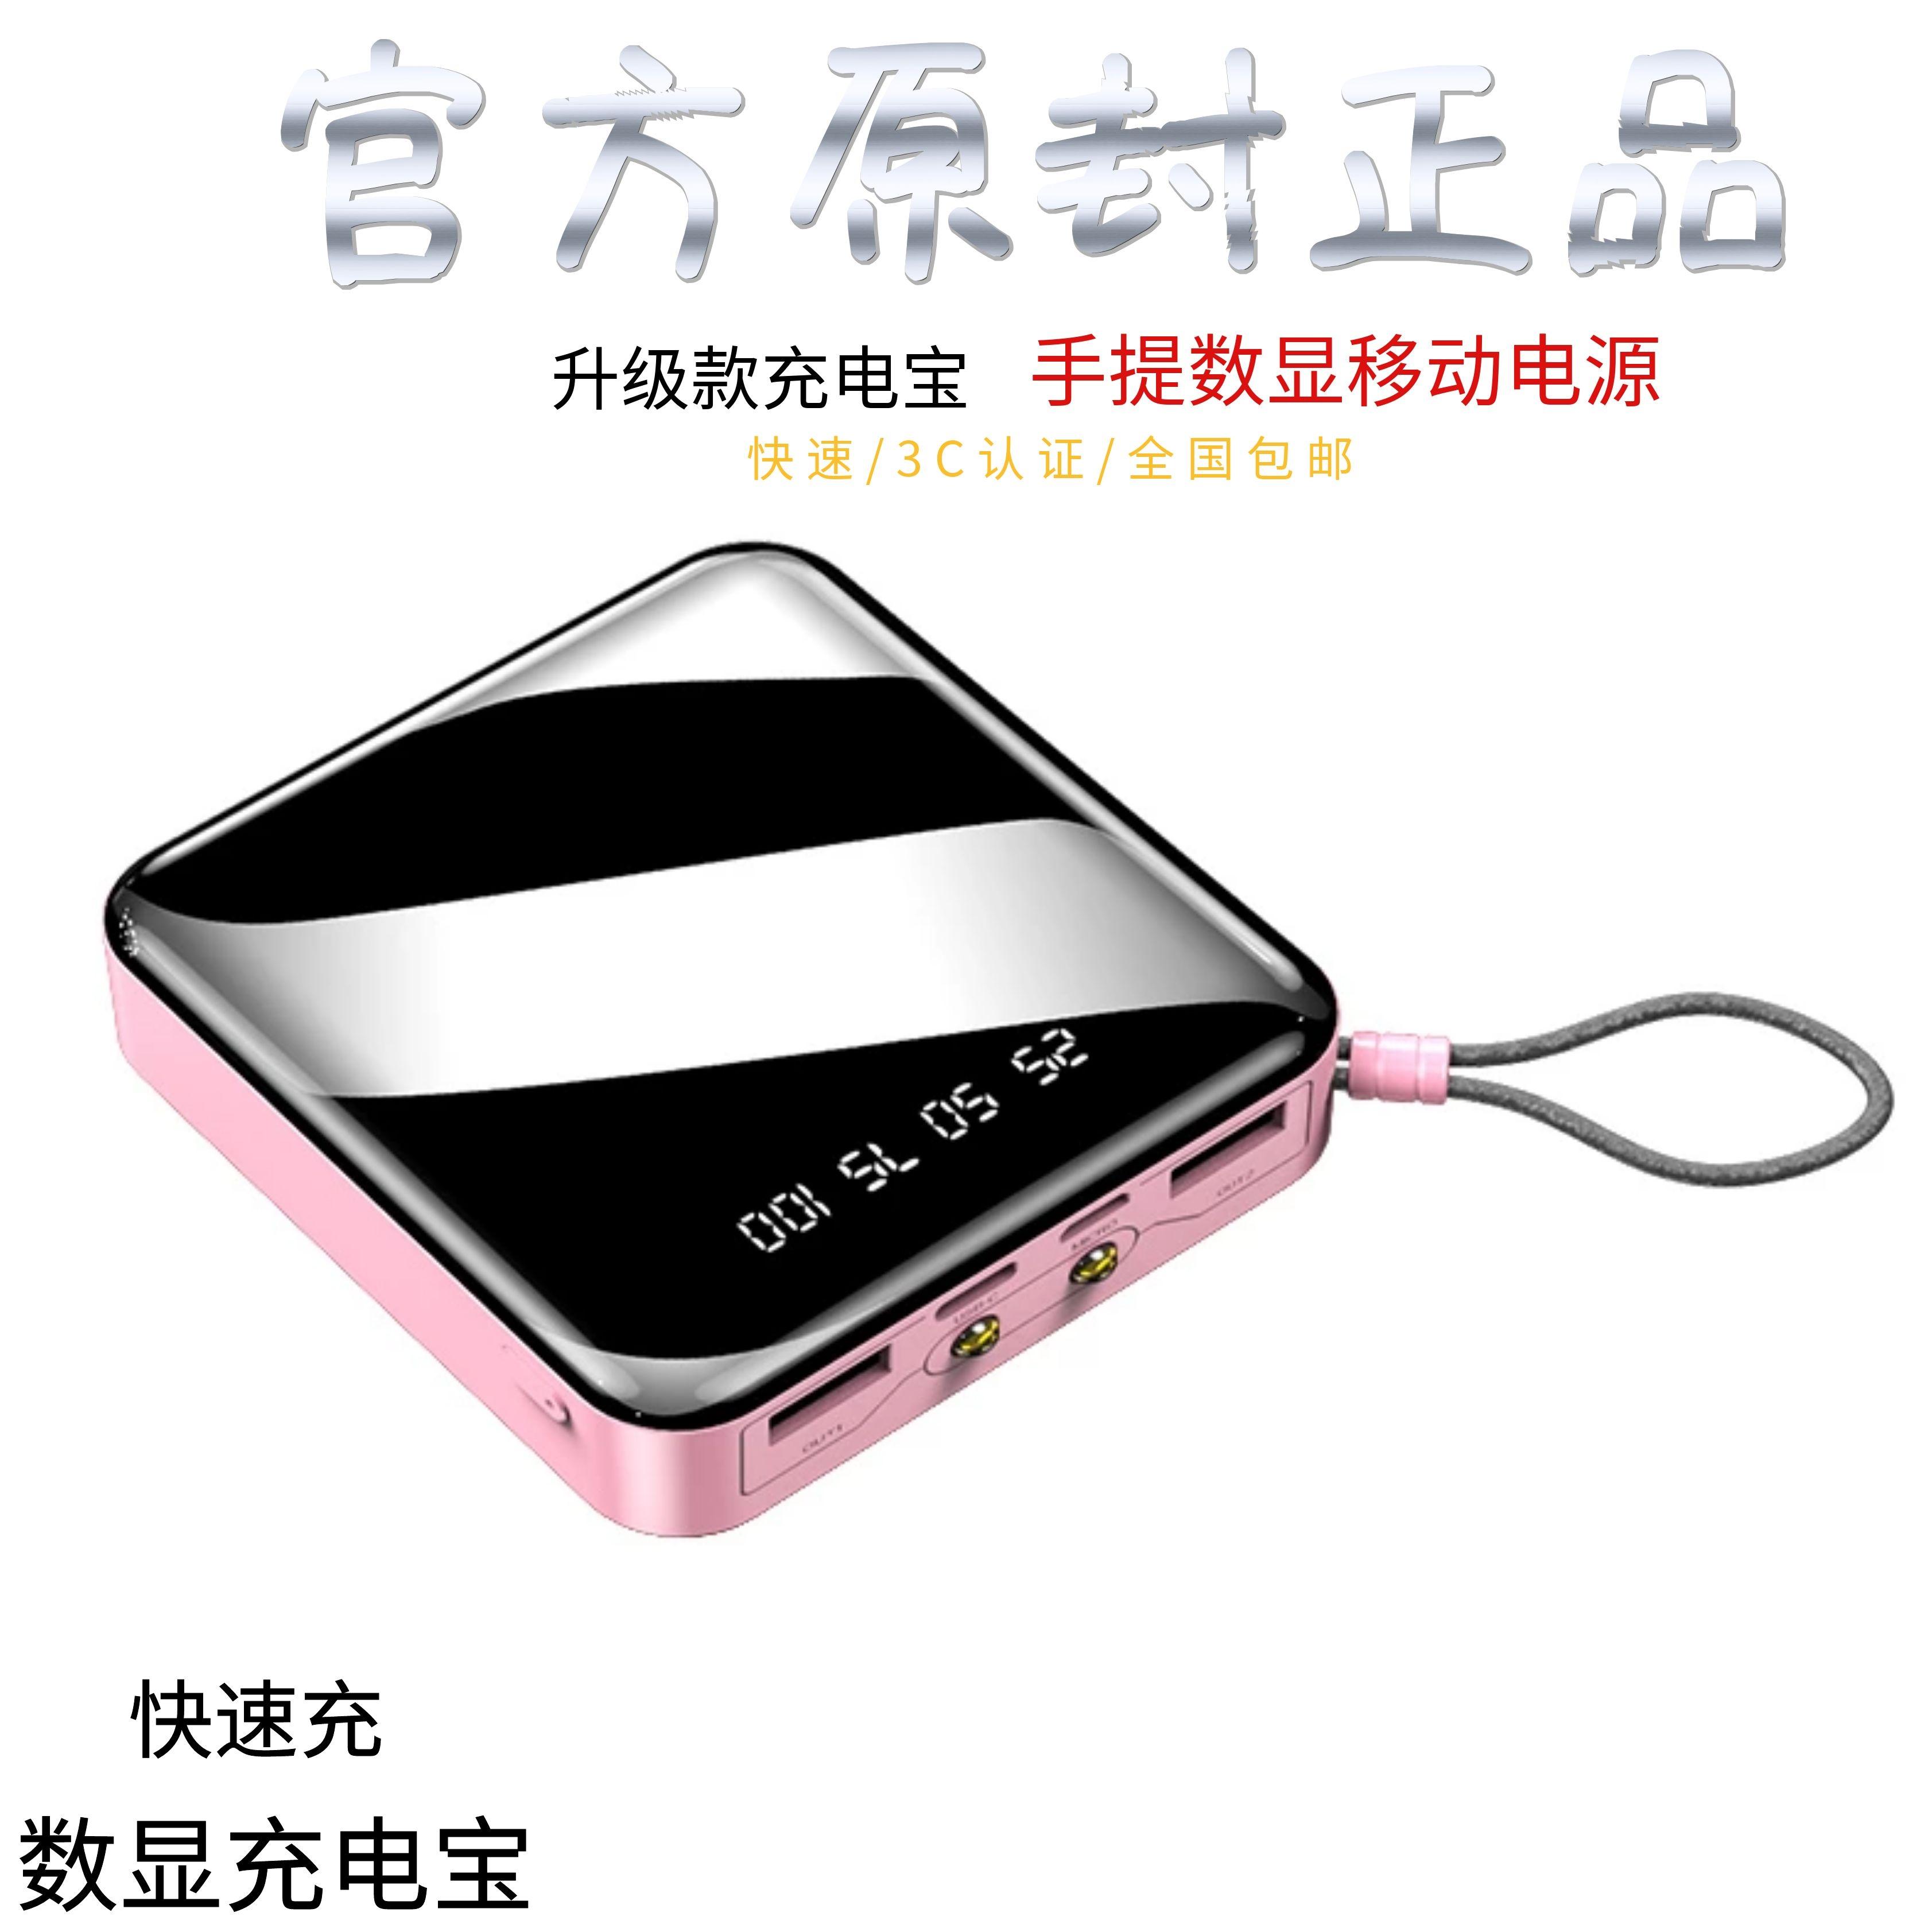 中國代購|中國批發-ibuy99|充电宝|挂绳方形全面屏超薄小巧便携8000毫安充电宝器大容量通用移动电源